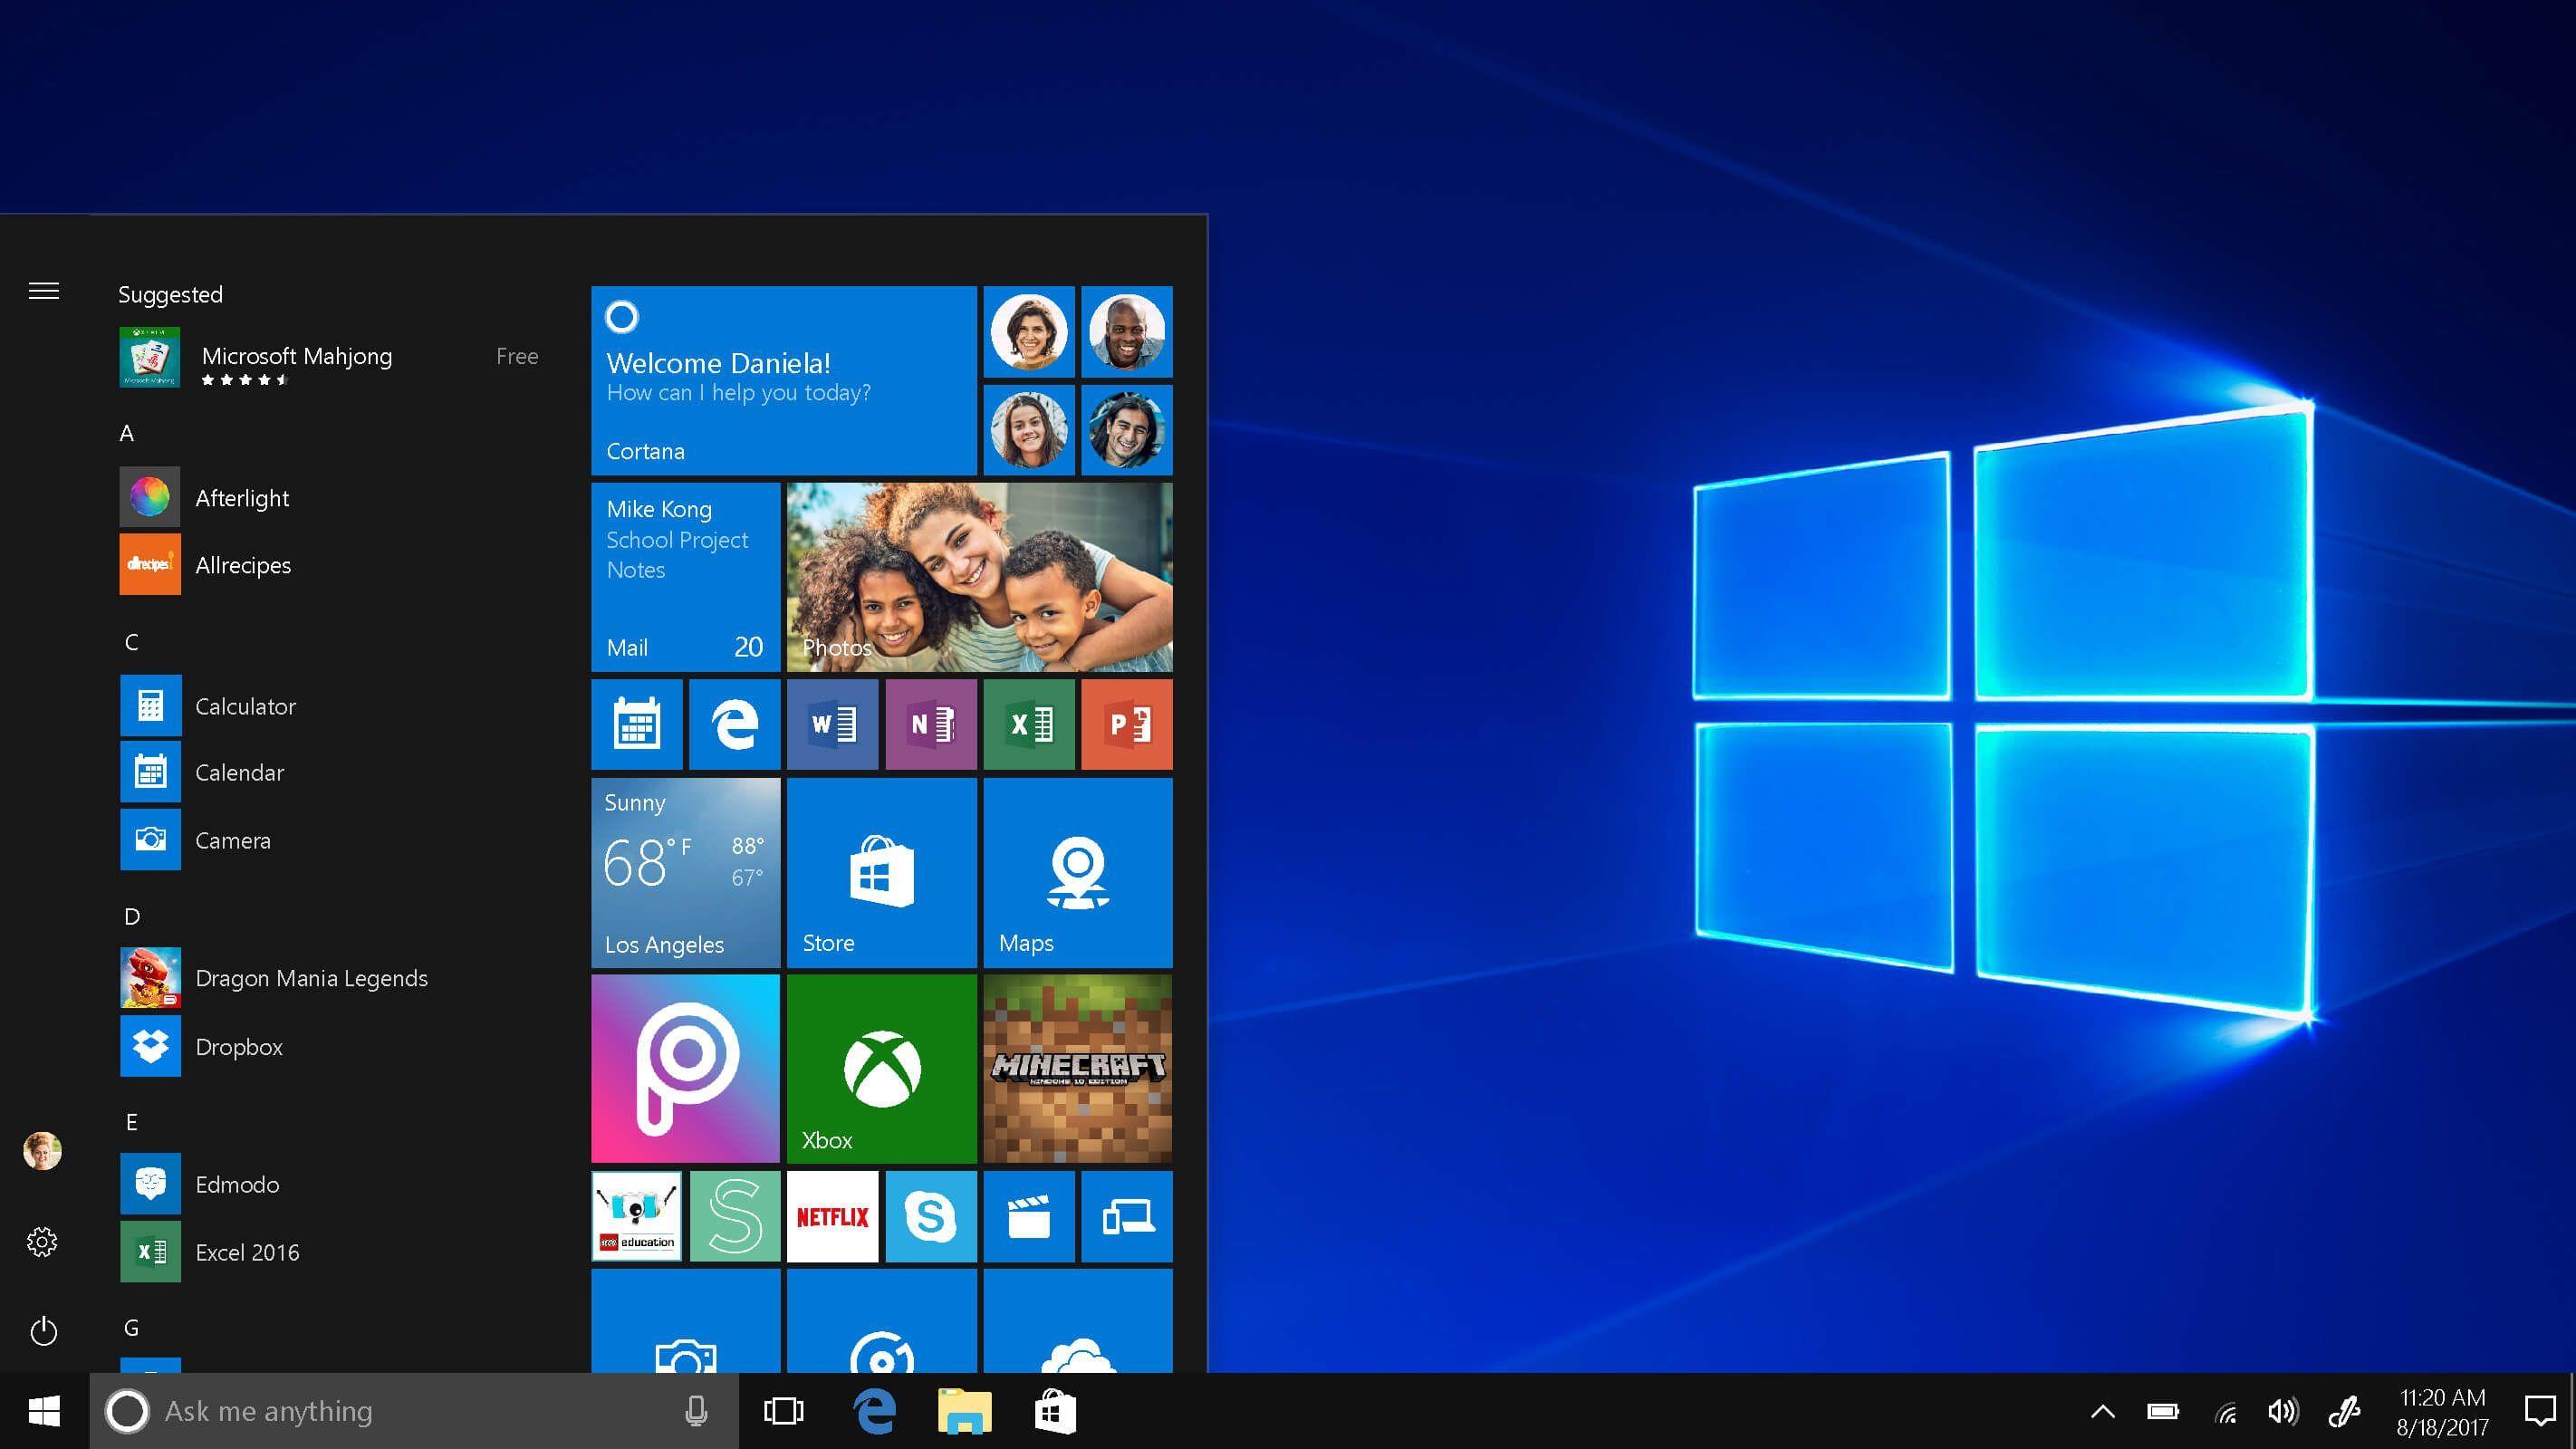 تحديث جديد بمشكلة أجدد كالعادة من نظام ويندوز 10 With Images Using Windows 10 Microsoft Windows Windows 10